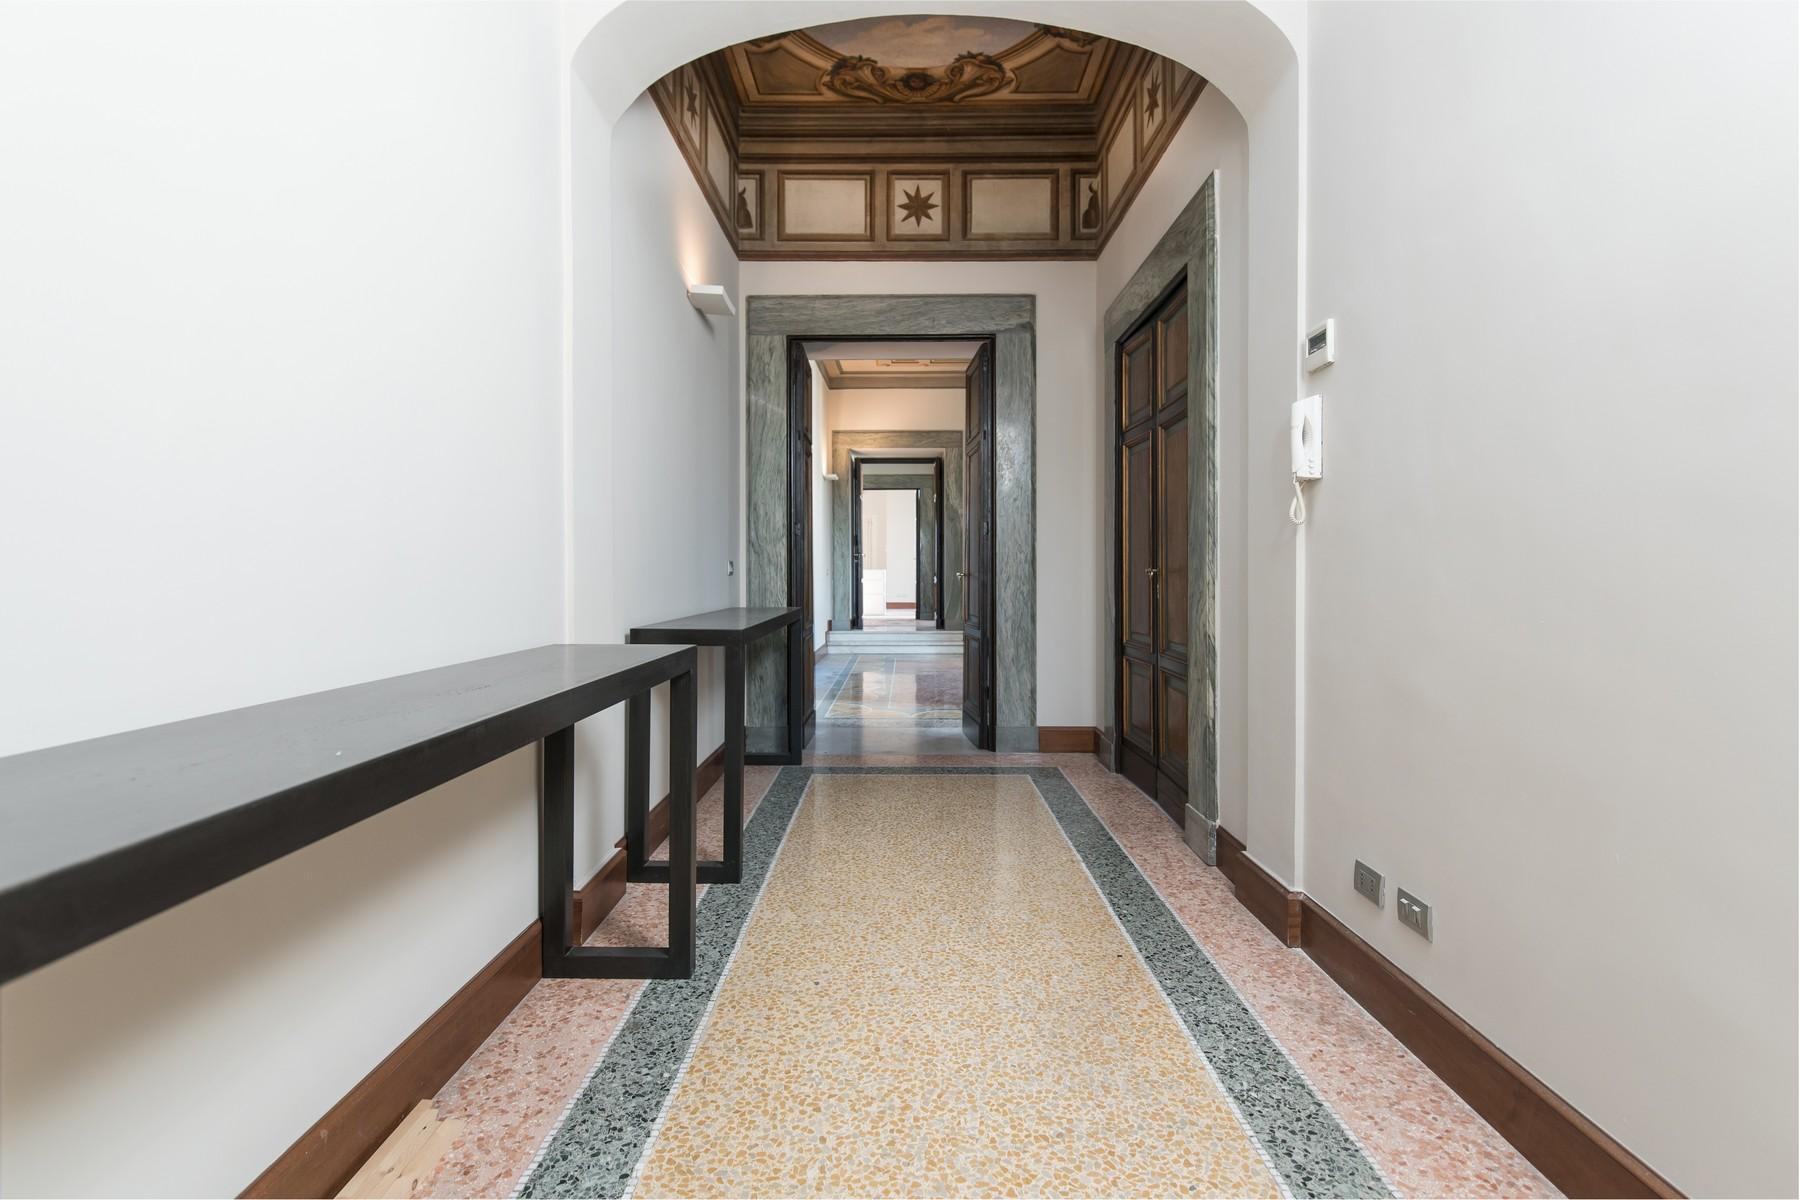 位于著名的Brasini别墅内的优雅的公寓 - 4